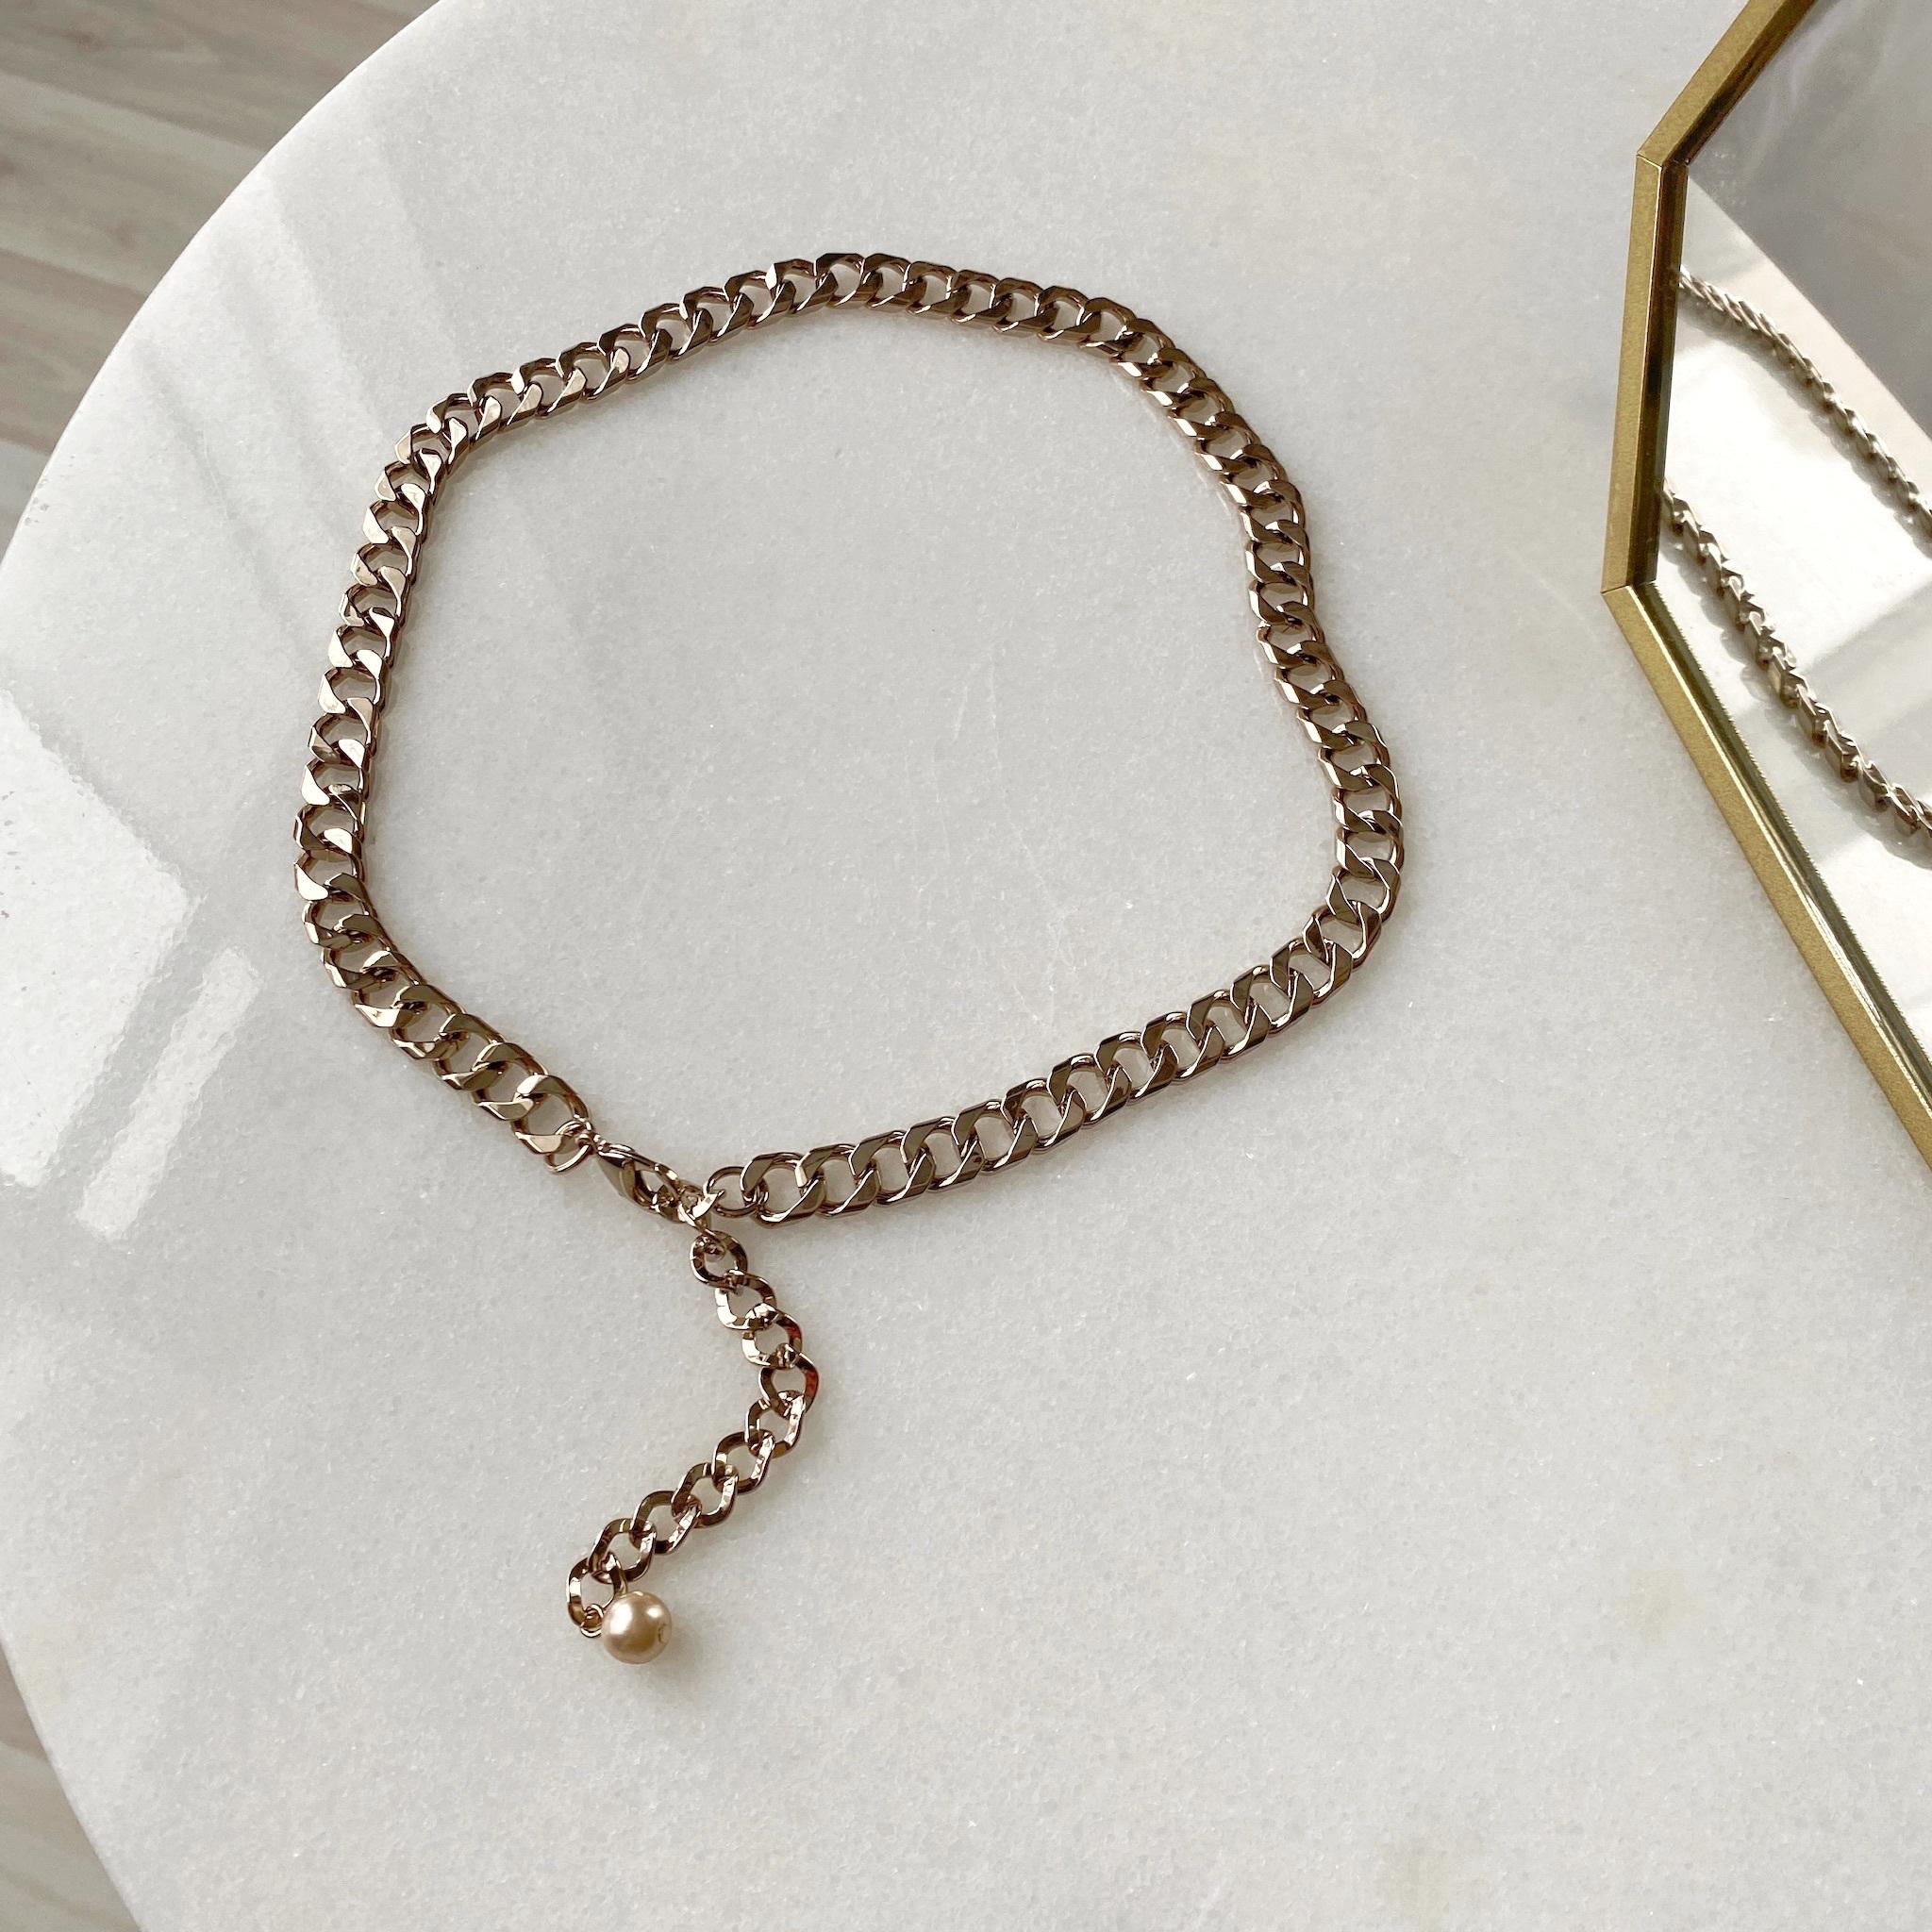 Колье-цепь панцирного плетения с декоративной цепочкой (брасс)